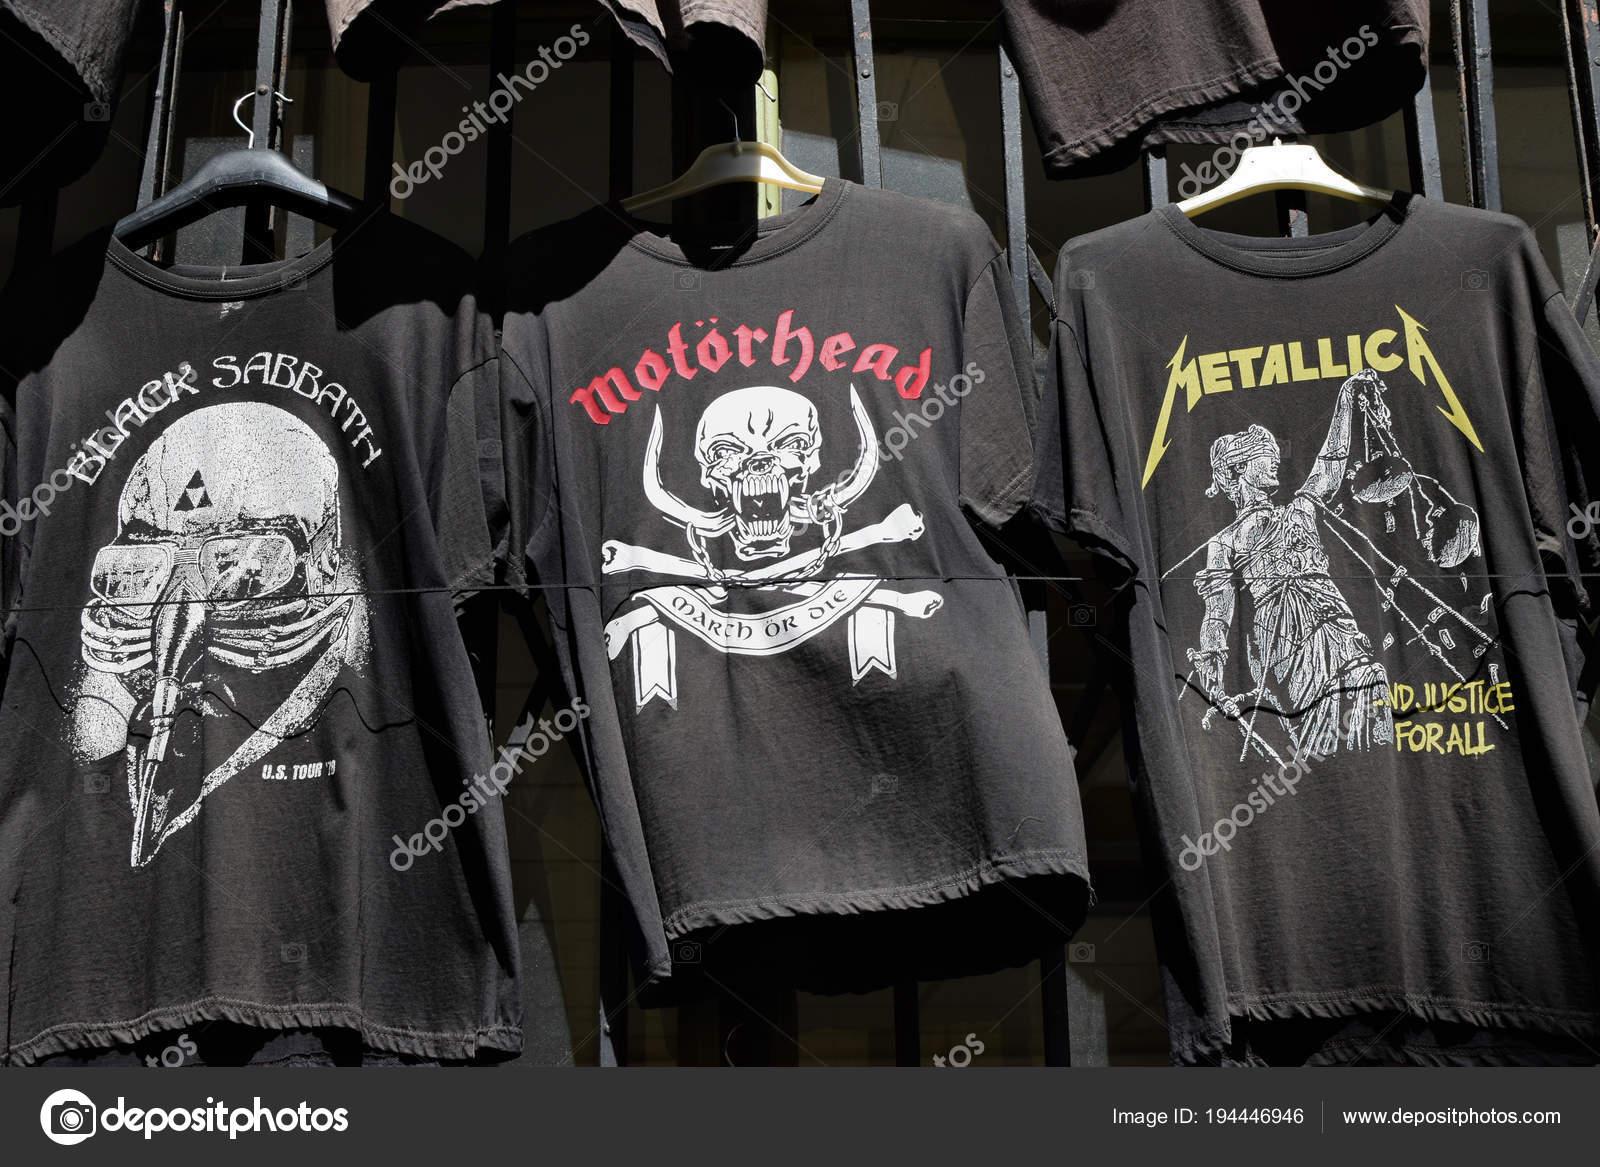 fcf9365cf053 heavy metalová trička - Stock Editorial Foto © sirylok   194446946